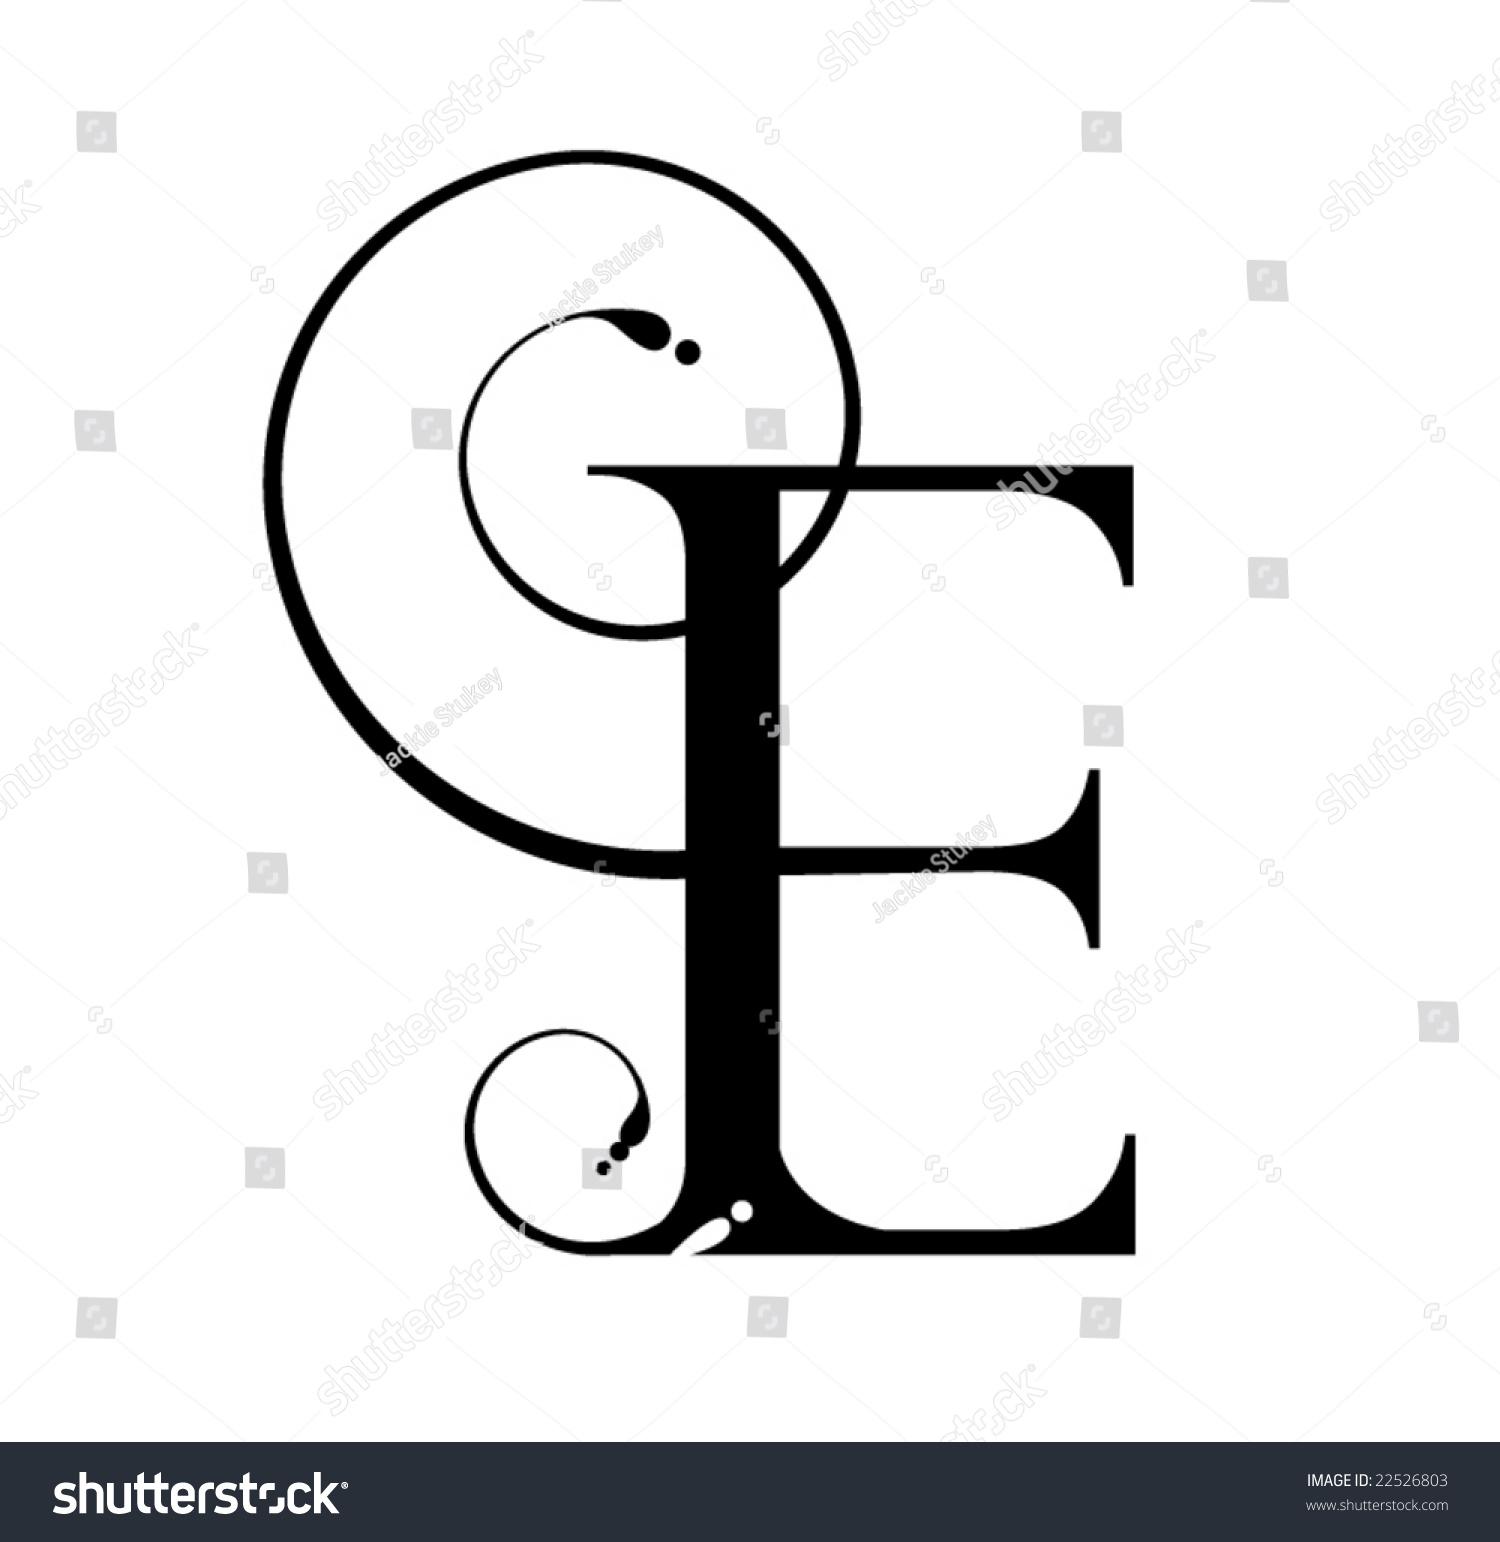 Letter E Stock Photo 22526803 Avopixcom